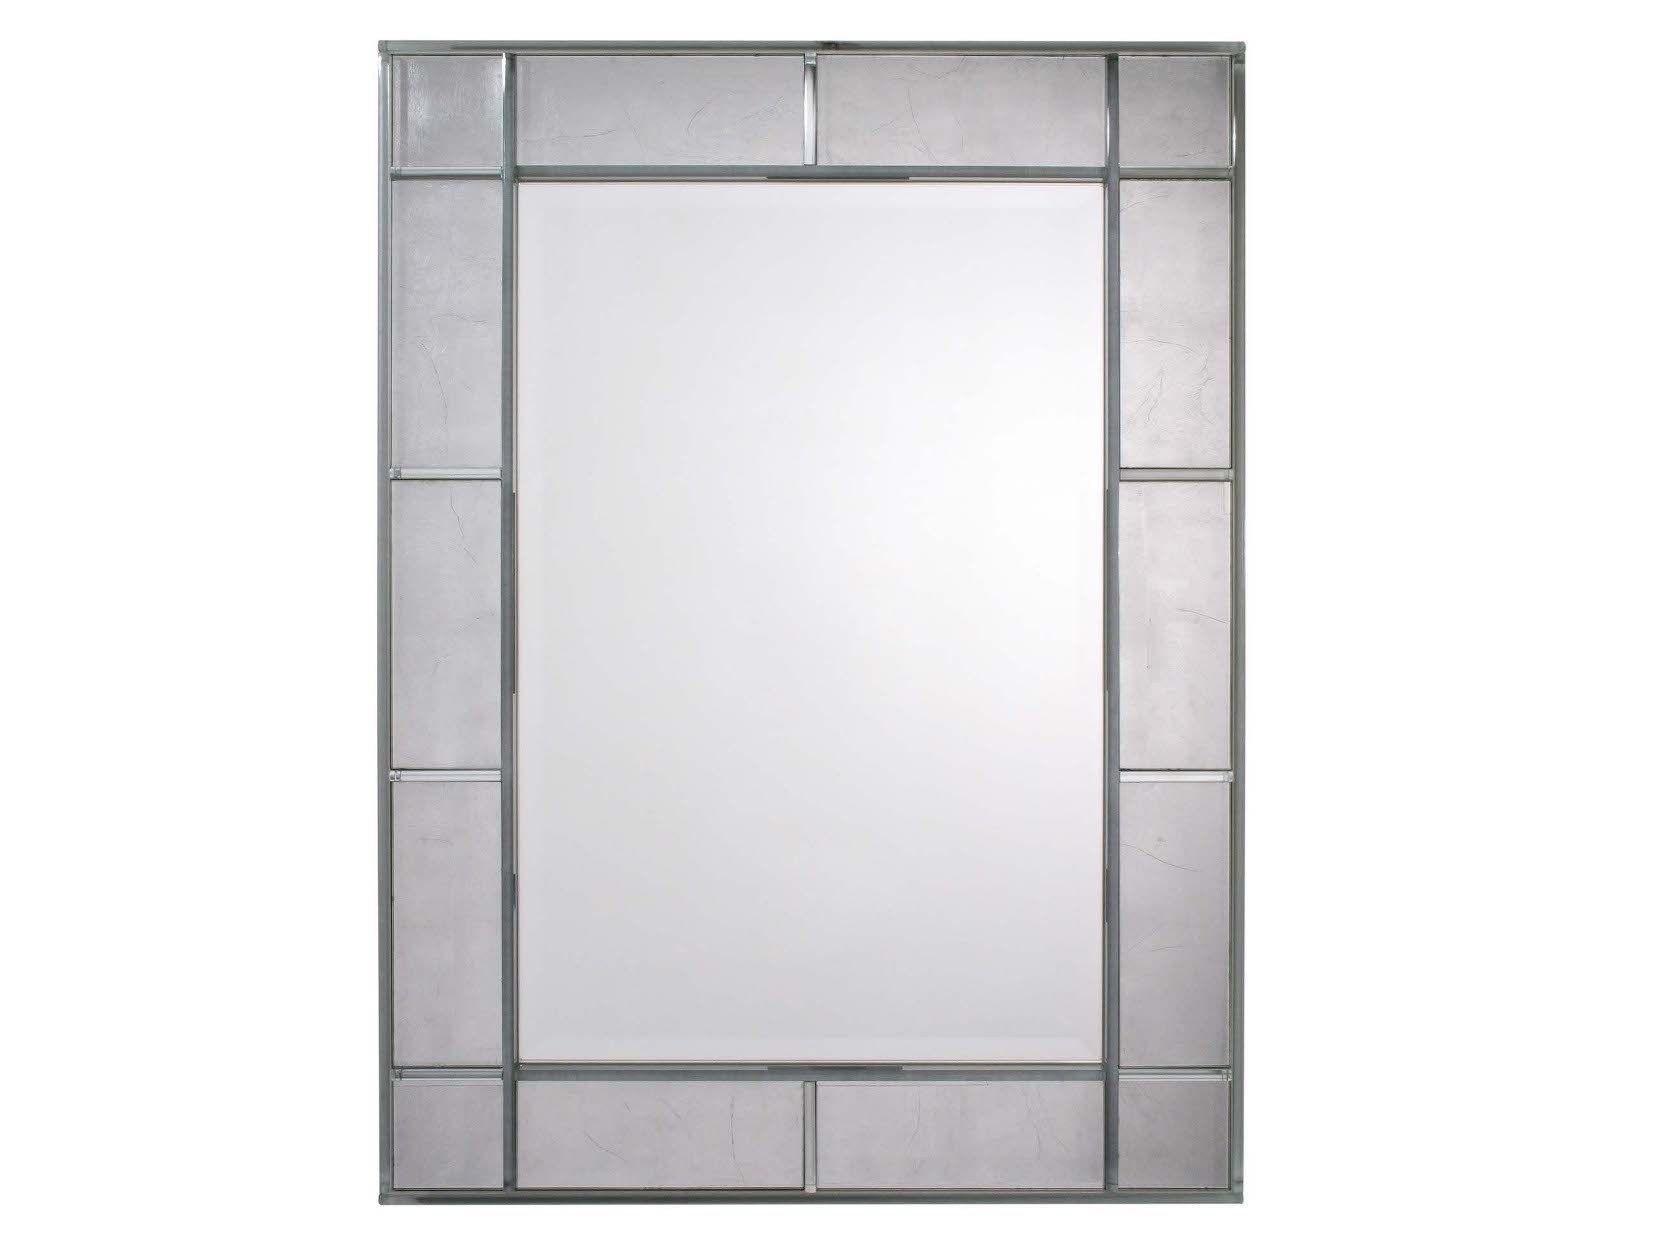 Miroir rectangulaire avec cadre mercure by veronese for Miroir rectangulaire design